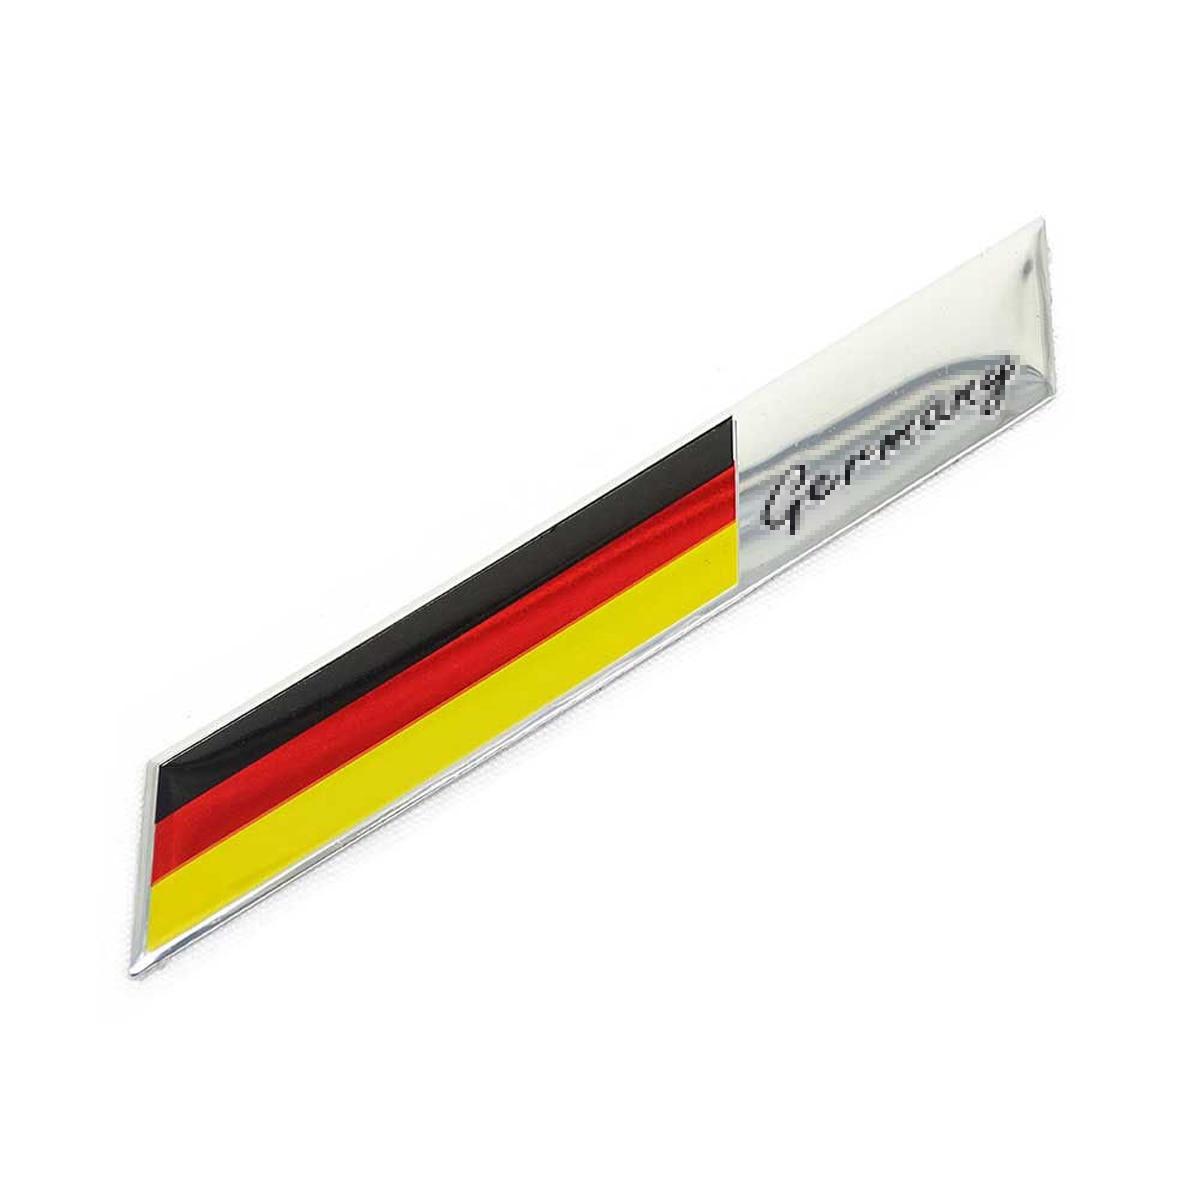 Coche estilizado 2 uds coche aluminio emblema de parrilla delantera Alemania alemán GE bandera Logo insignia pegatina etiqueta 3D para accesorios de coche